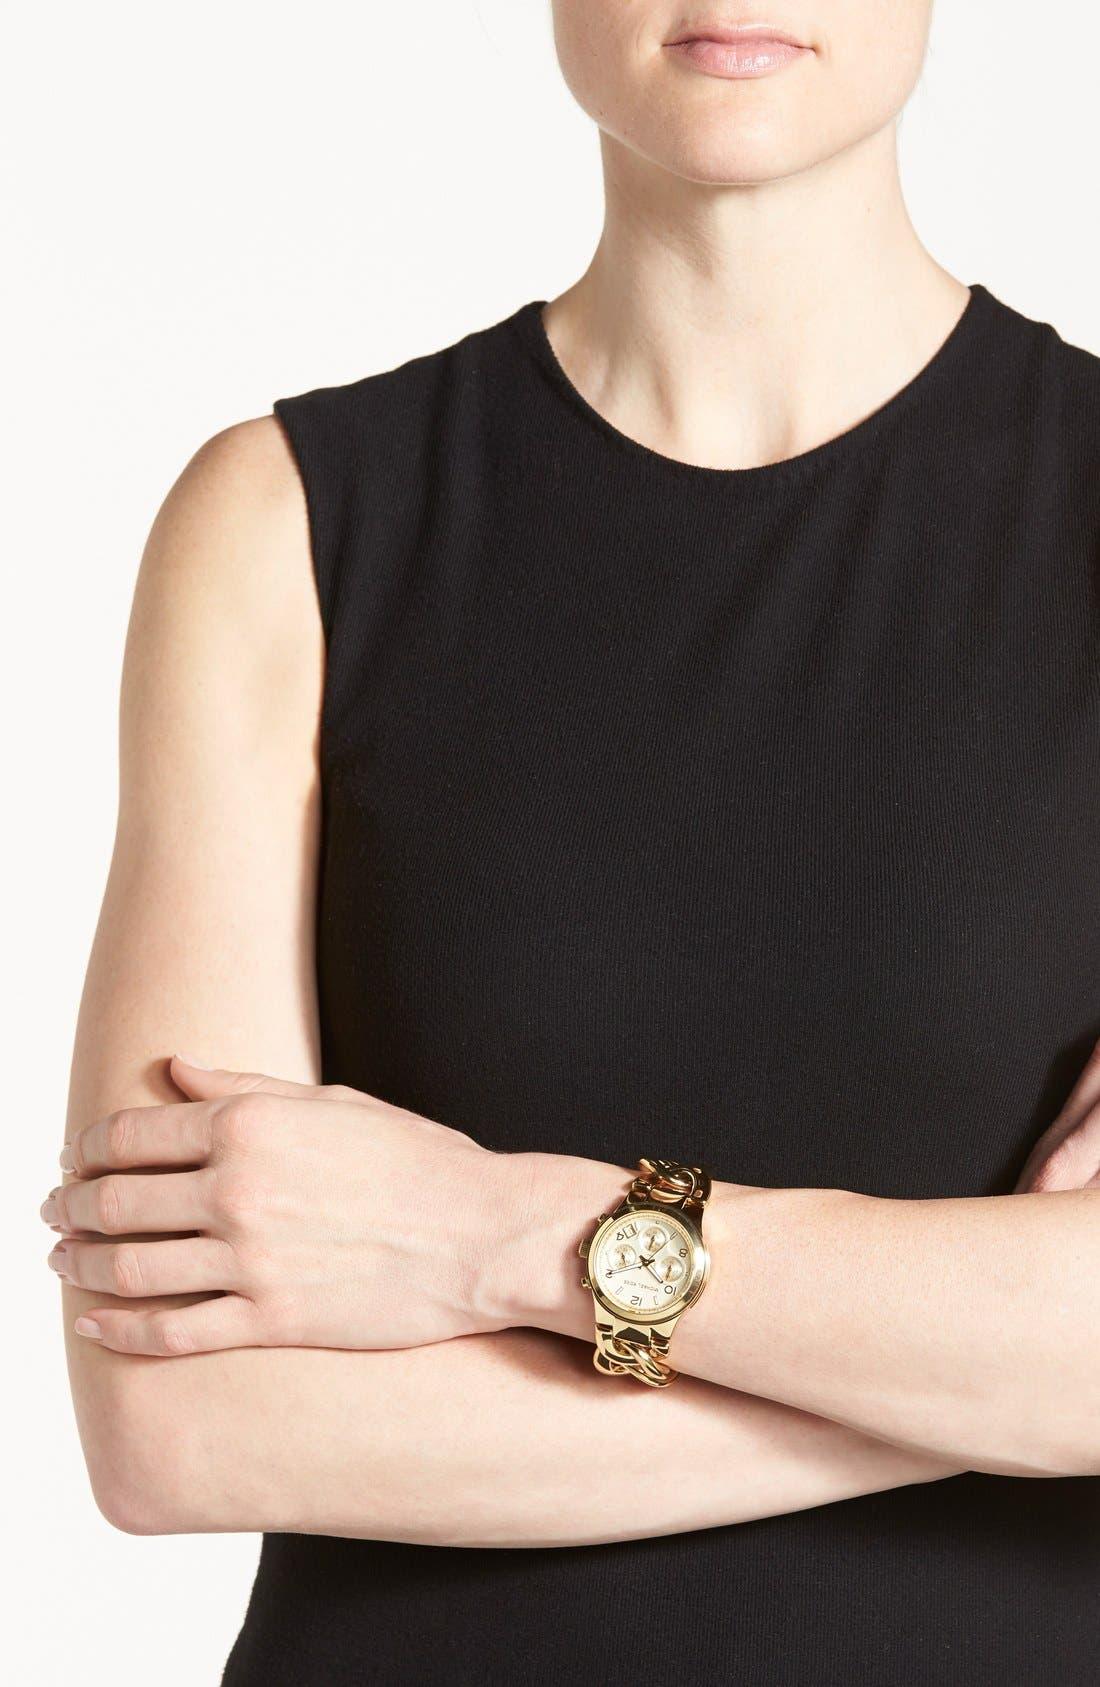 Michael Kors Chain Bracelet Chronograph Watch, 38mm,                             Alternate thumbnail 9, color,